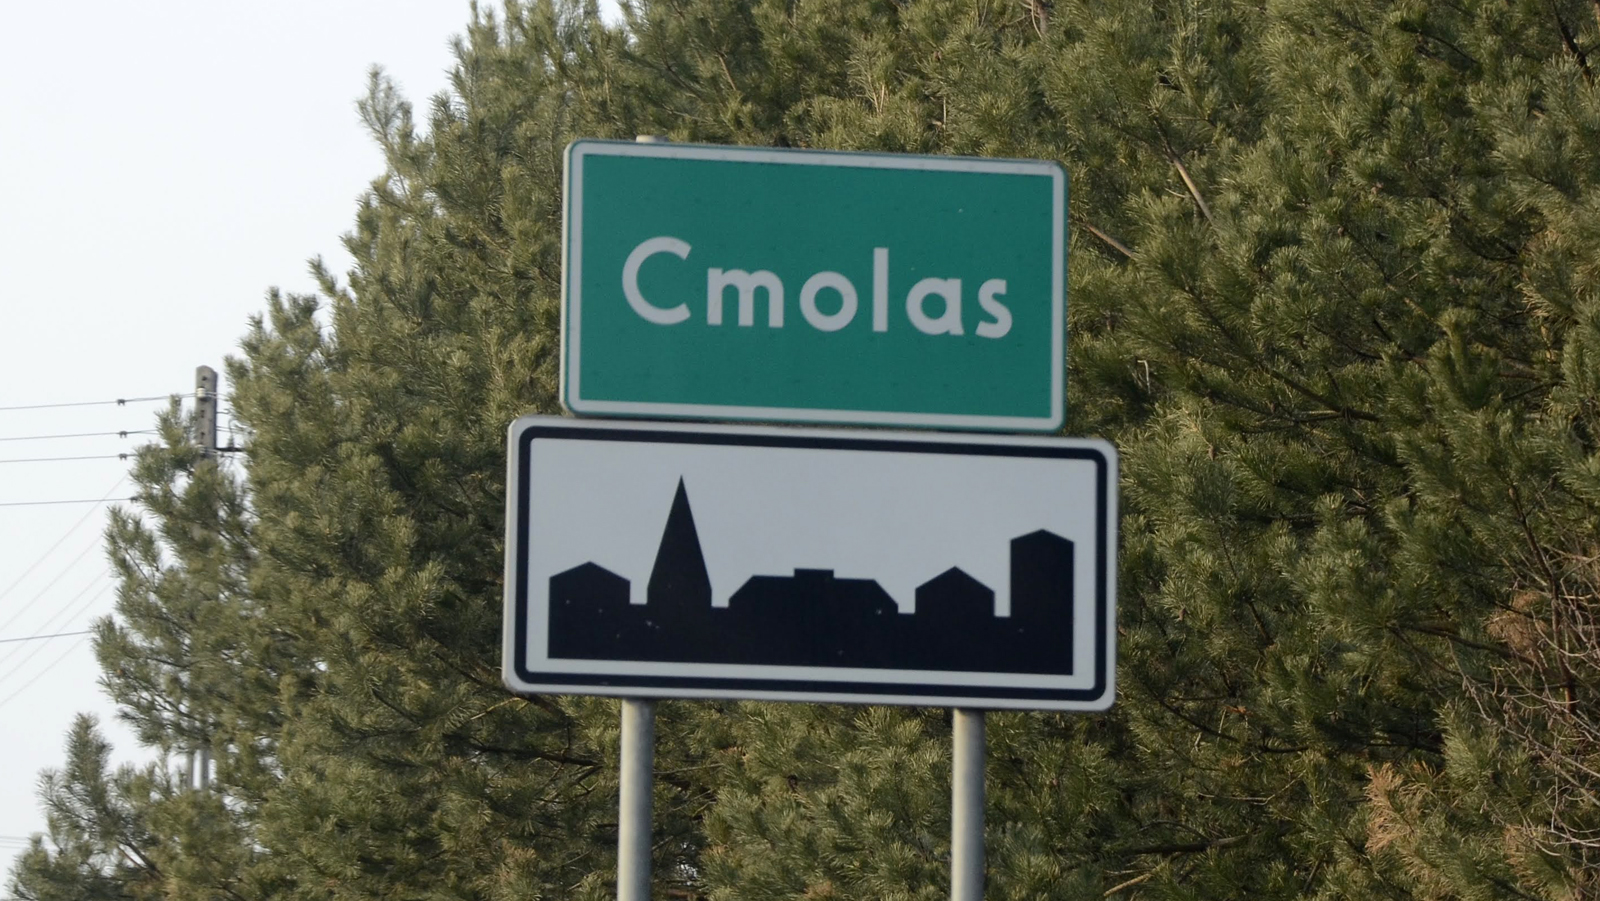 Nowe ulice w Cmolasie. Jest zgoda mieszkańców na przenumerowanie domów - Zdjęcie główne